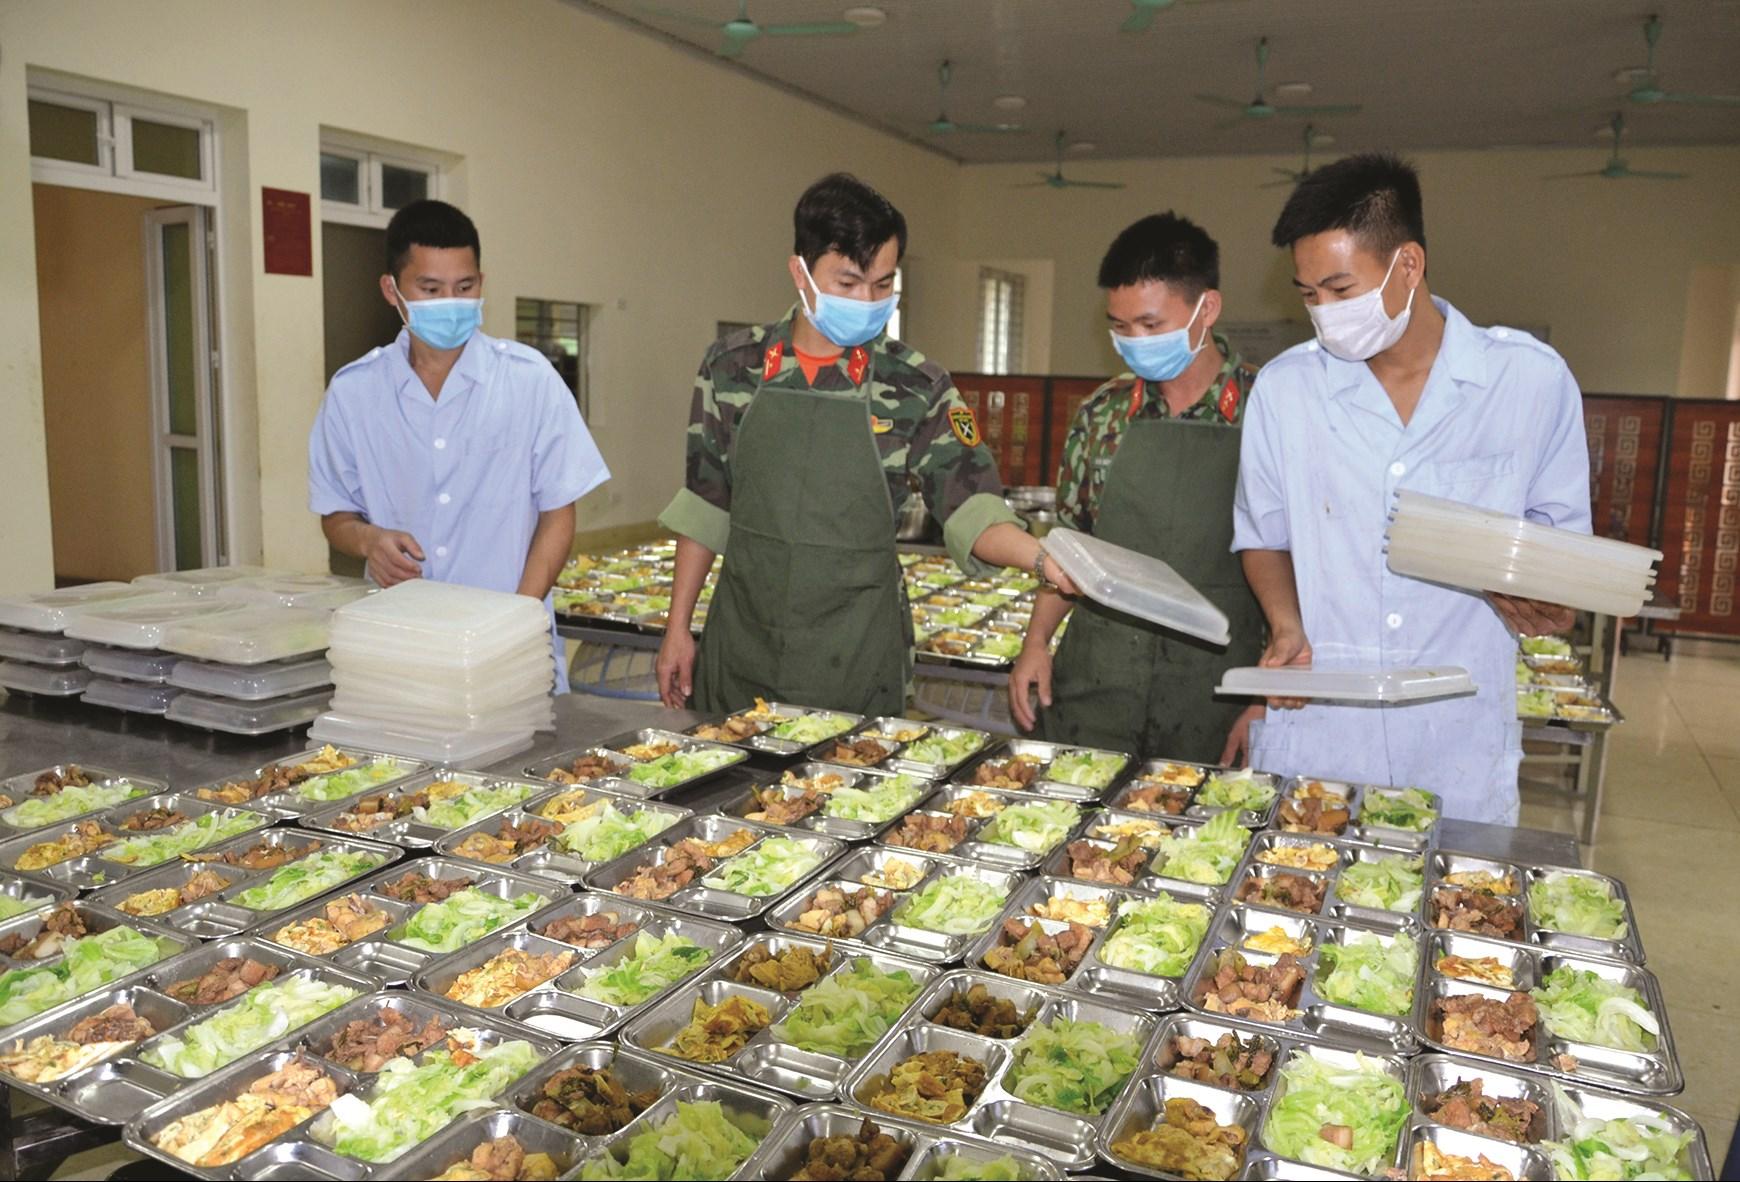 Mỗi ngày, Trường Quân sự tỉnh Lào Cai phục vụ hàng trăm suất ăn cho người dân đang thực hiện cách ly tại đây